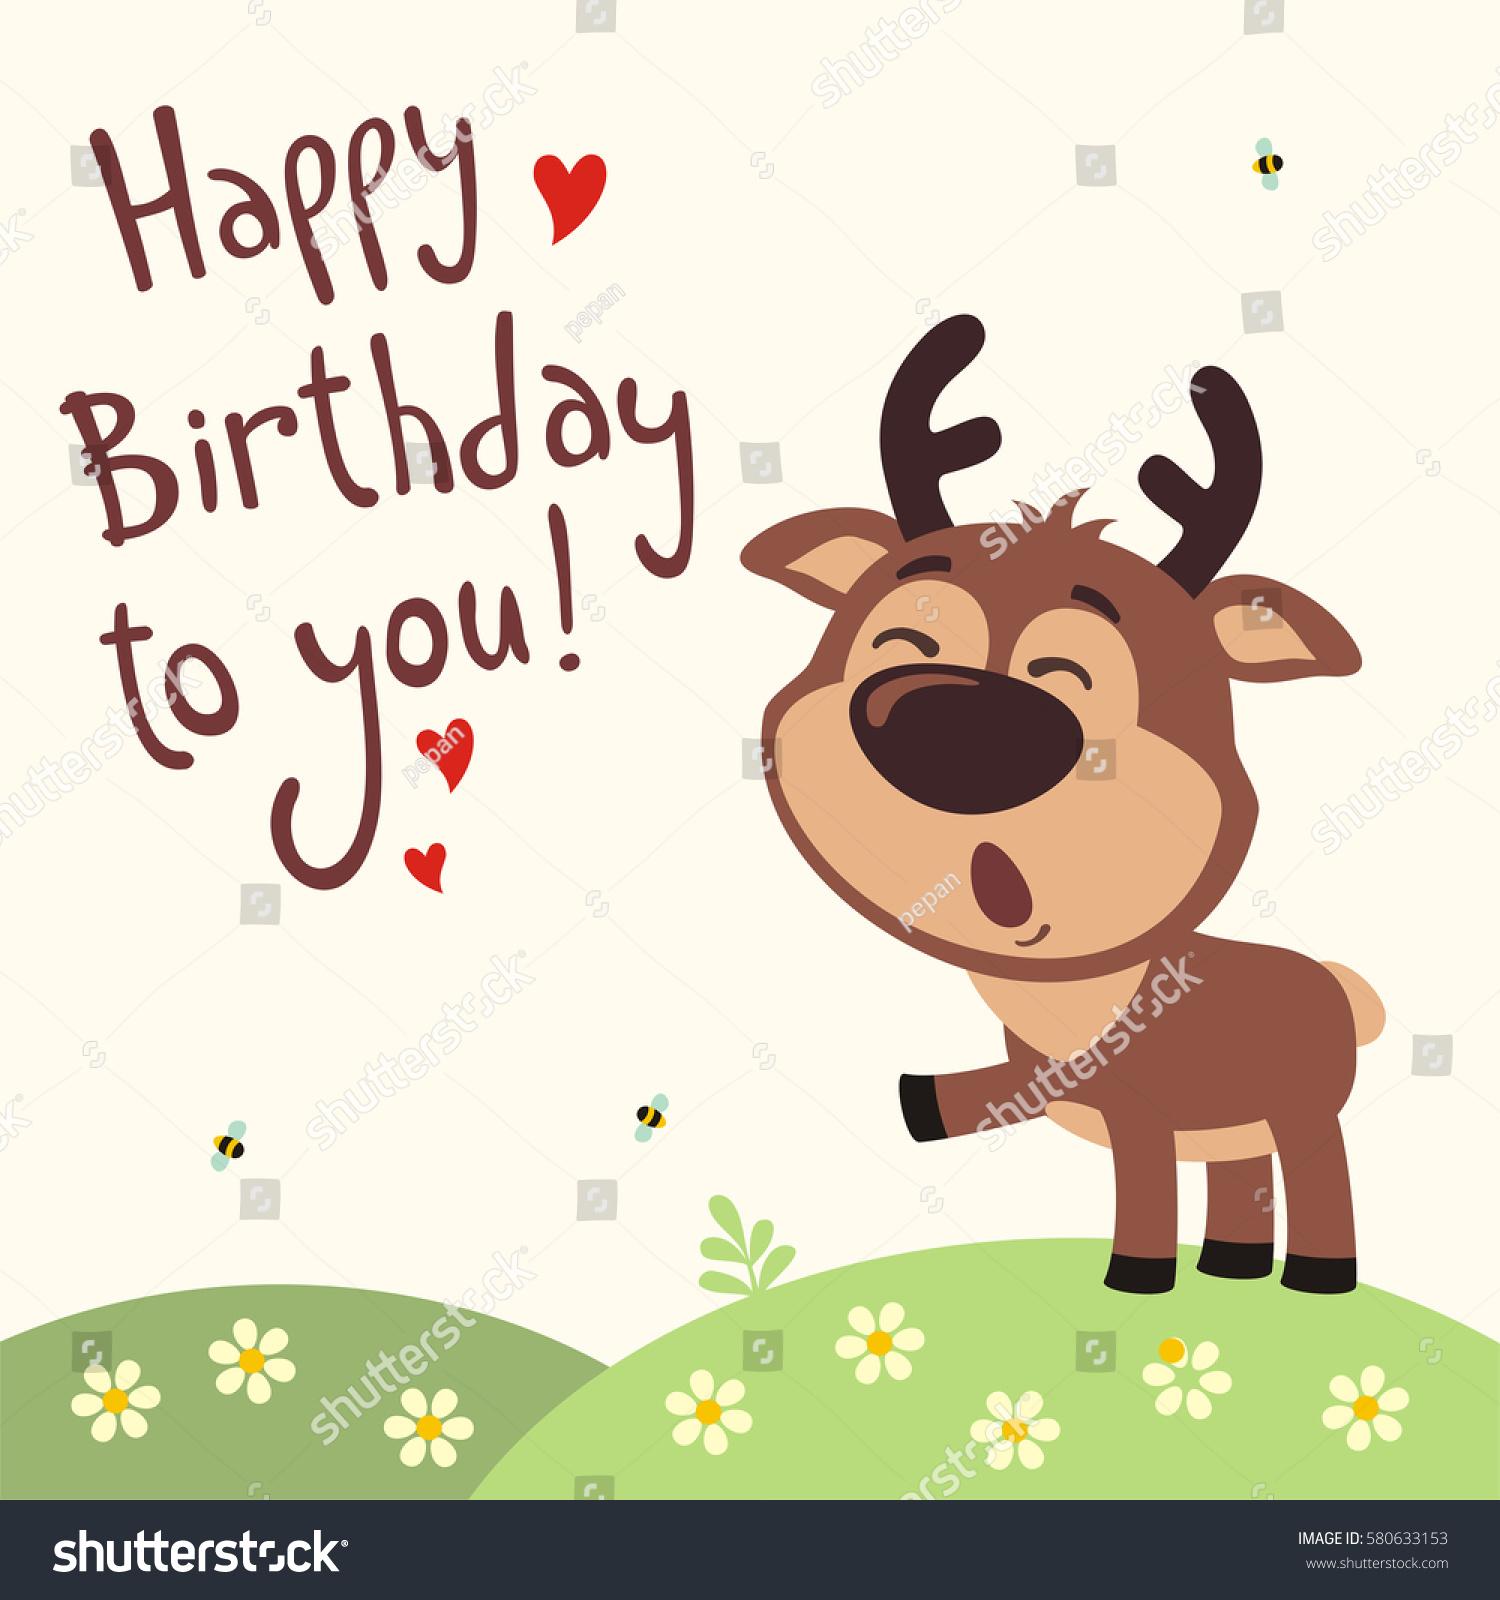 Funny Deer Sings Song Happy Birthday Stock Vector Royalty Free 580633153